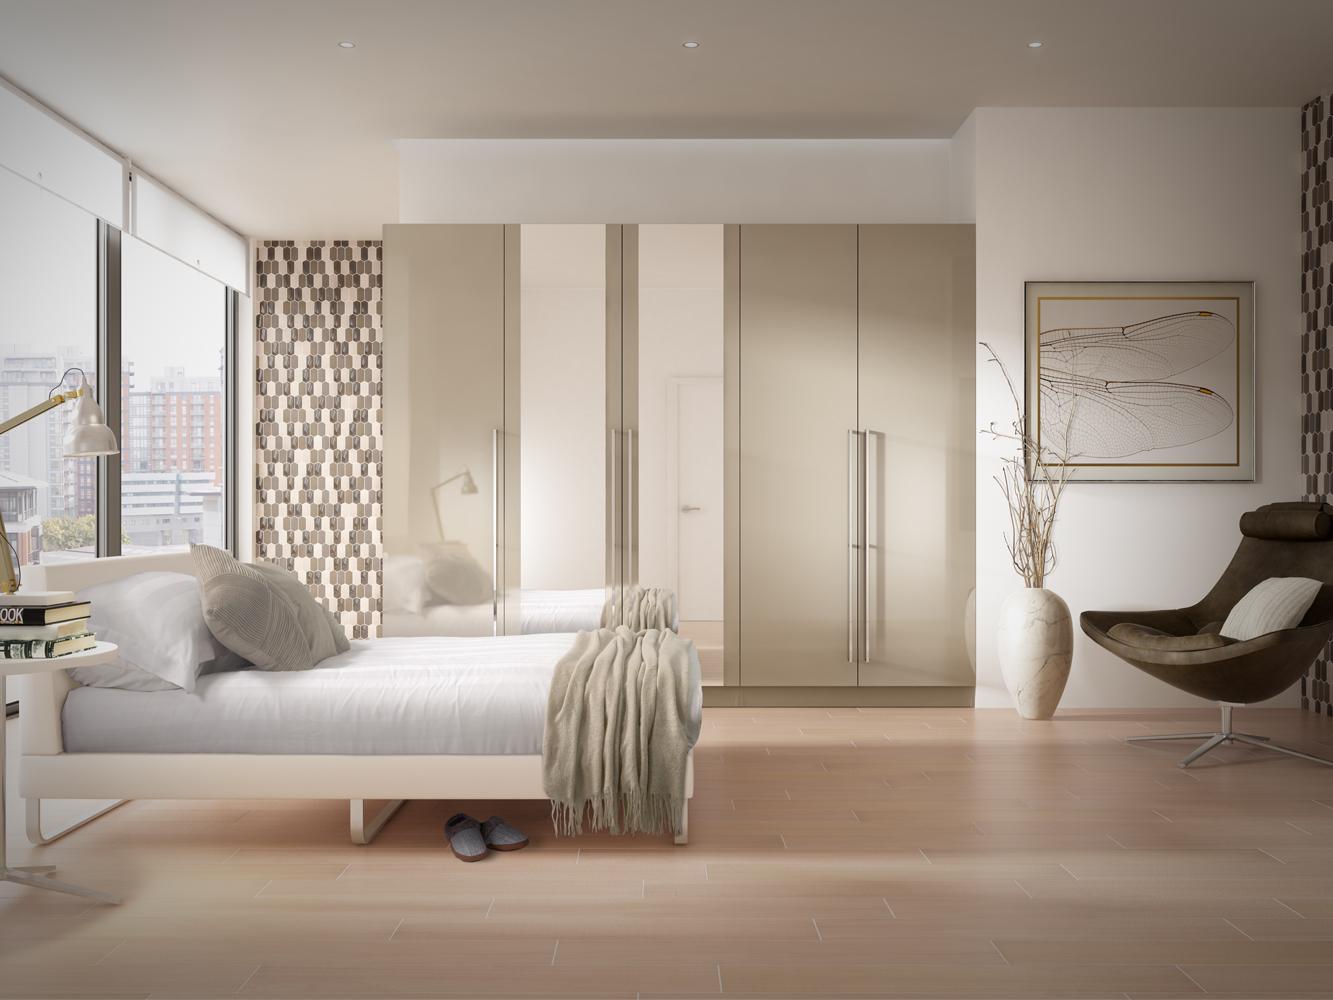 pix-us-cg-apartment-bedroom